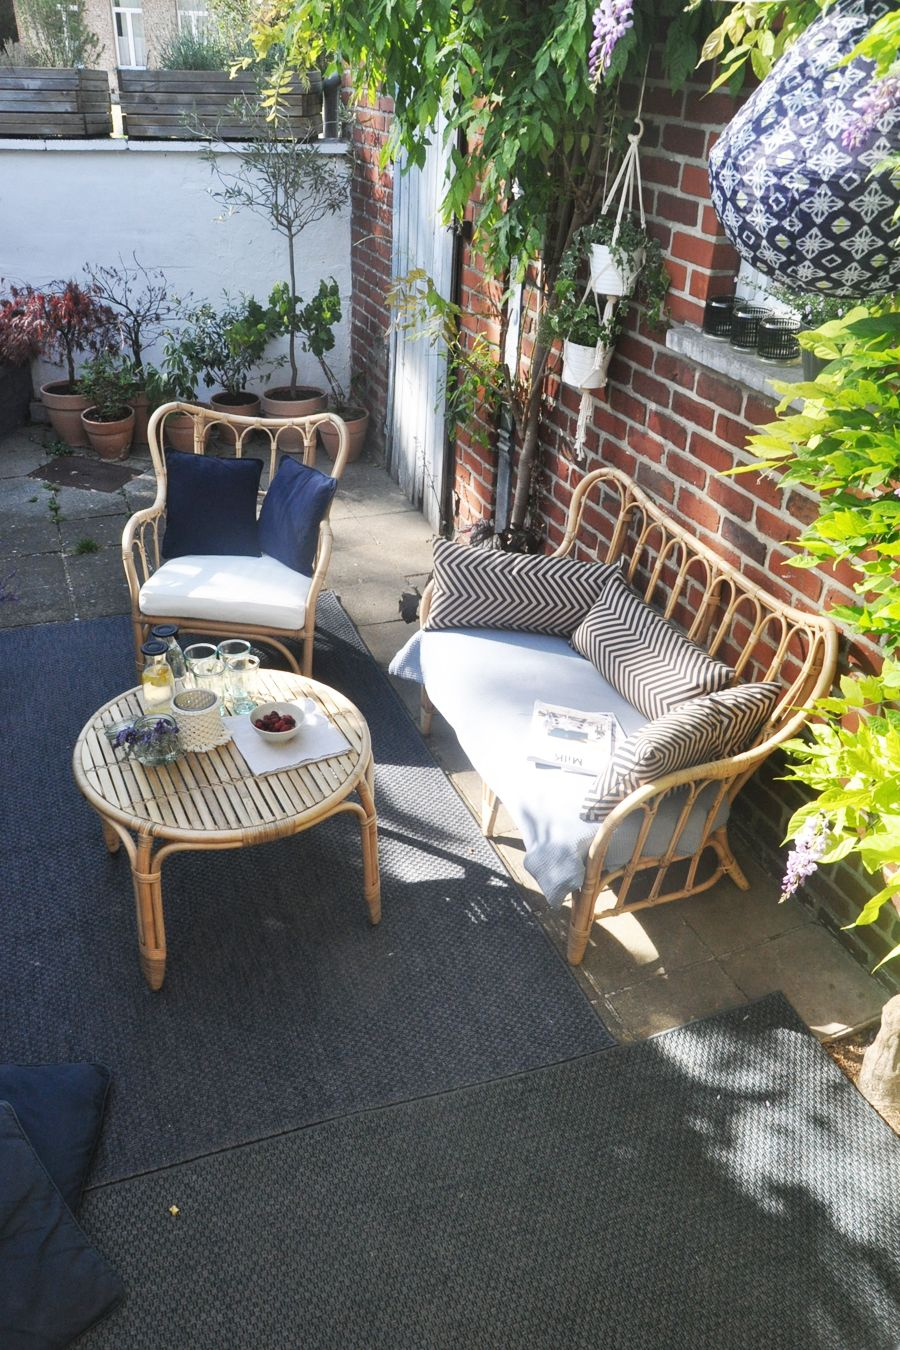 Créer Une Ambiance Tropicale Sur Son Balcon Salon En Rotin ... concernant Meubles De Jardin Ikea